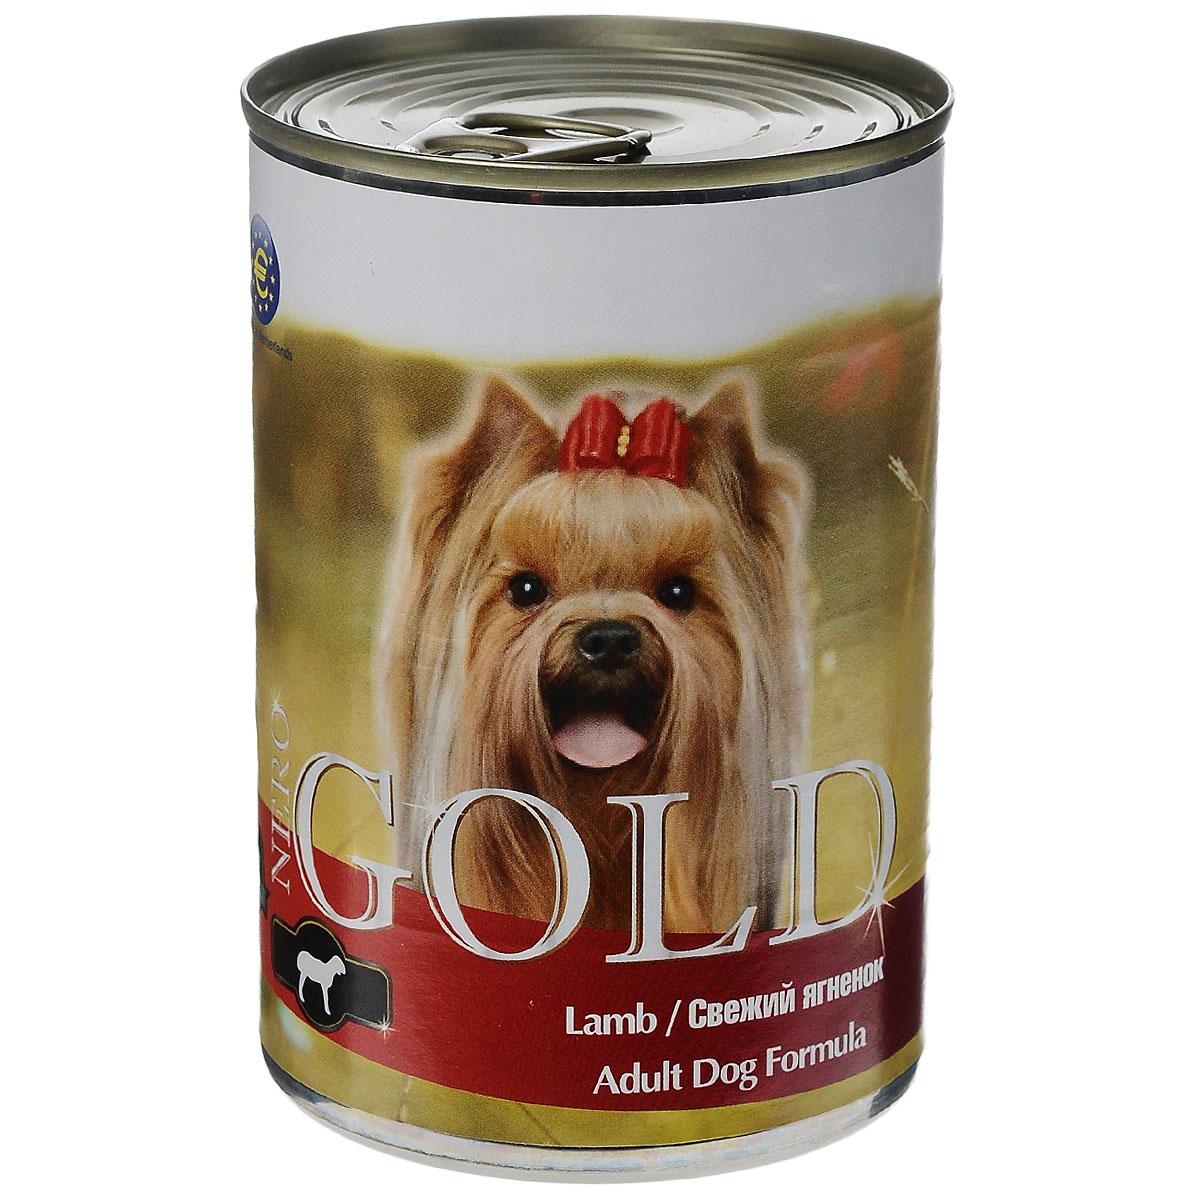 Консервы для собак Nero Gold, свежий ягненок, 410 г0120710Консервы для собак Nero Gold - полнорационный продукт, содержащий все необходимые витамины и минералы, сбалансированный для поддержания оптимального здоровья вашего питомца! Состав: мясо и его производные, филе курицы, филе ягненка, злаки, витамины и минералы. Гарантированный анализ: белки 6,5%, жиры 4,5%, клетчатка 0,5%, зола 2%, влага 81%. Пищевые добавки на 1 кг продукта: витамин А 1600 МЕ, витамин D 140 МЕ, витамин Е 10 МЕ, железо 24 мг, марганец 6 мг, цинк 15 мг, медь 1 мг, магний 200 мг, йод 0,3 мг, селен 0,2 мг.Вес: 410 г. Товар сертифицирован.